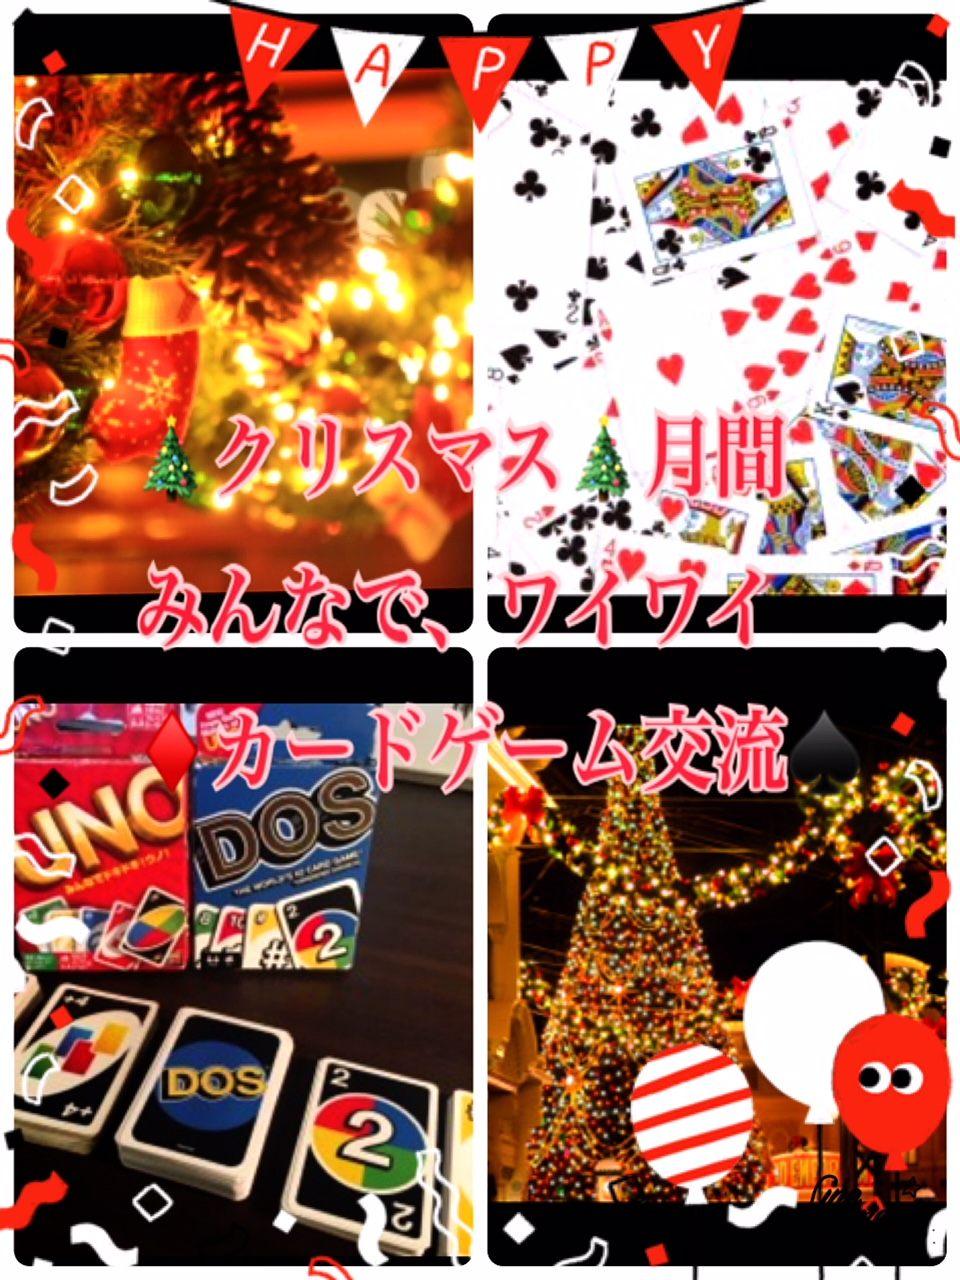 第15回クリスマス月間♪寛げる高級感のお寿司店。和室でのお座敷ワイワイカードゲーム♪@銀座駅直結 美味しいお寿司付き